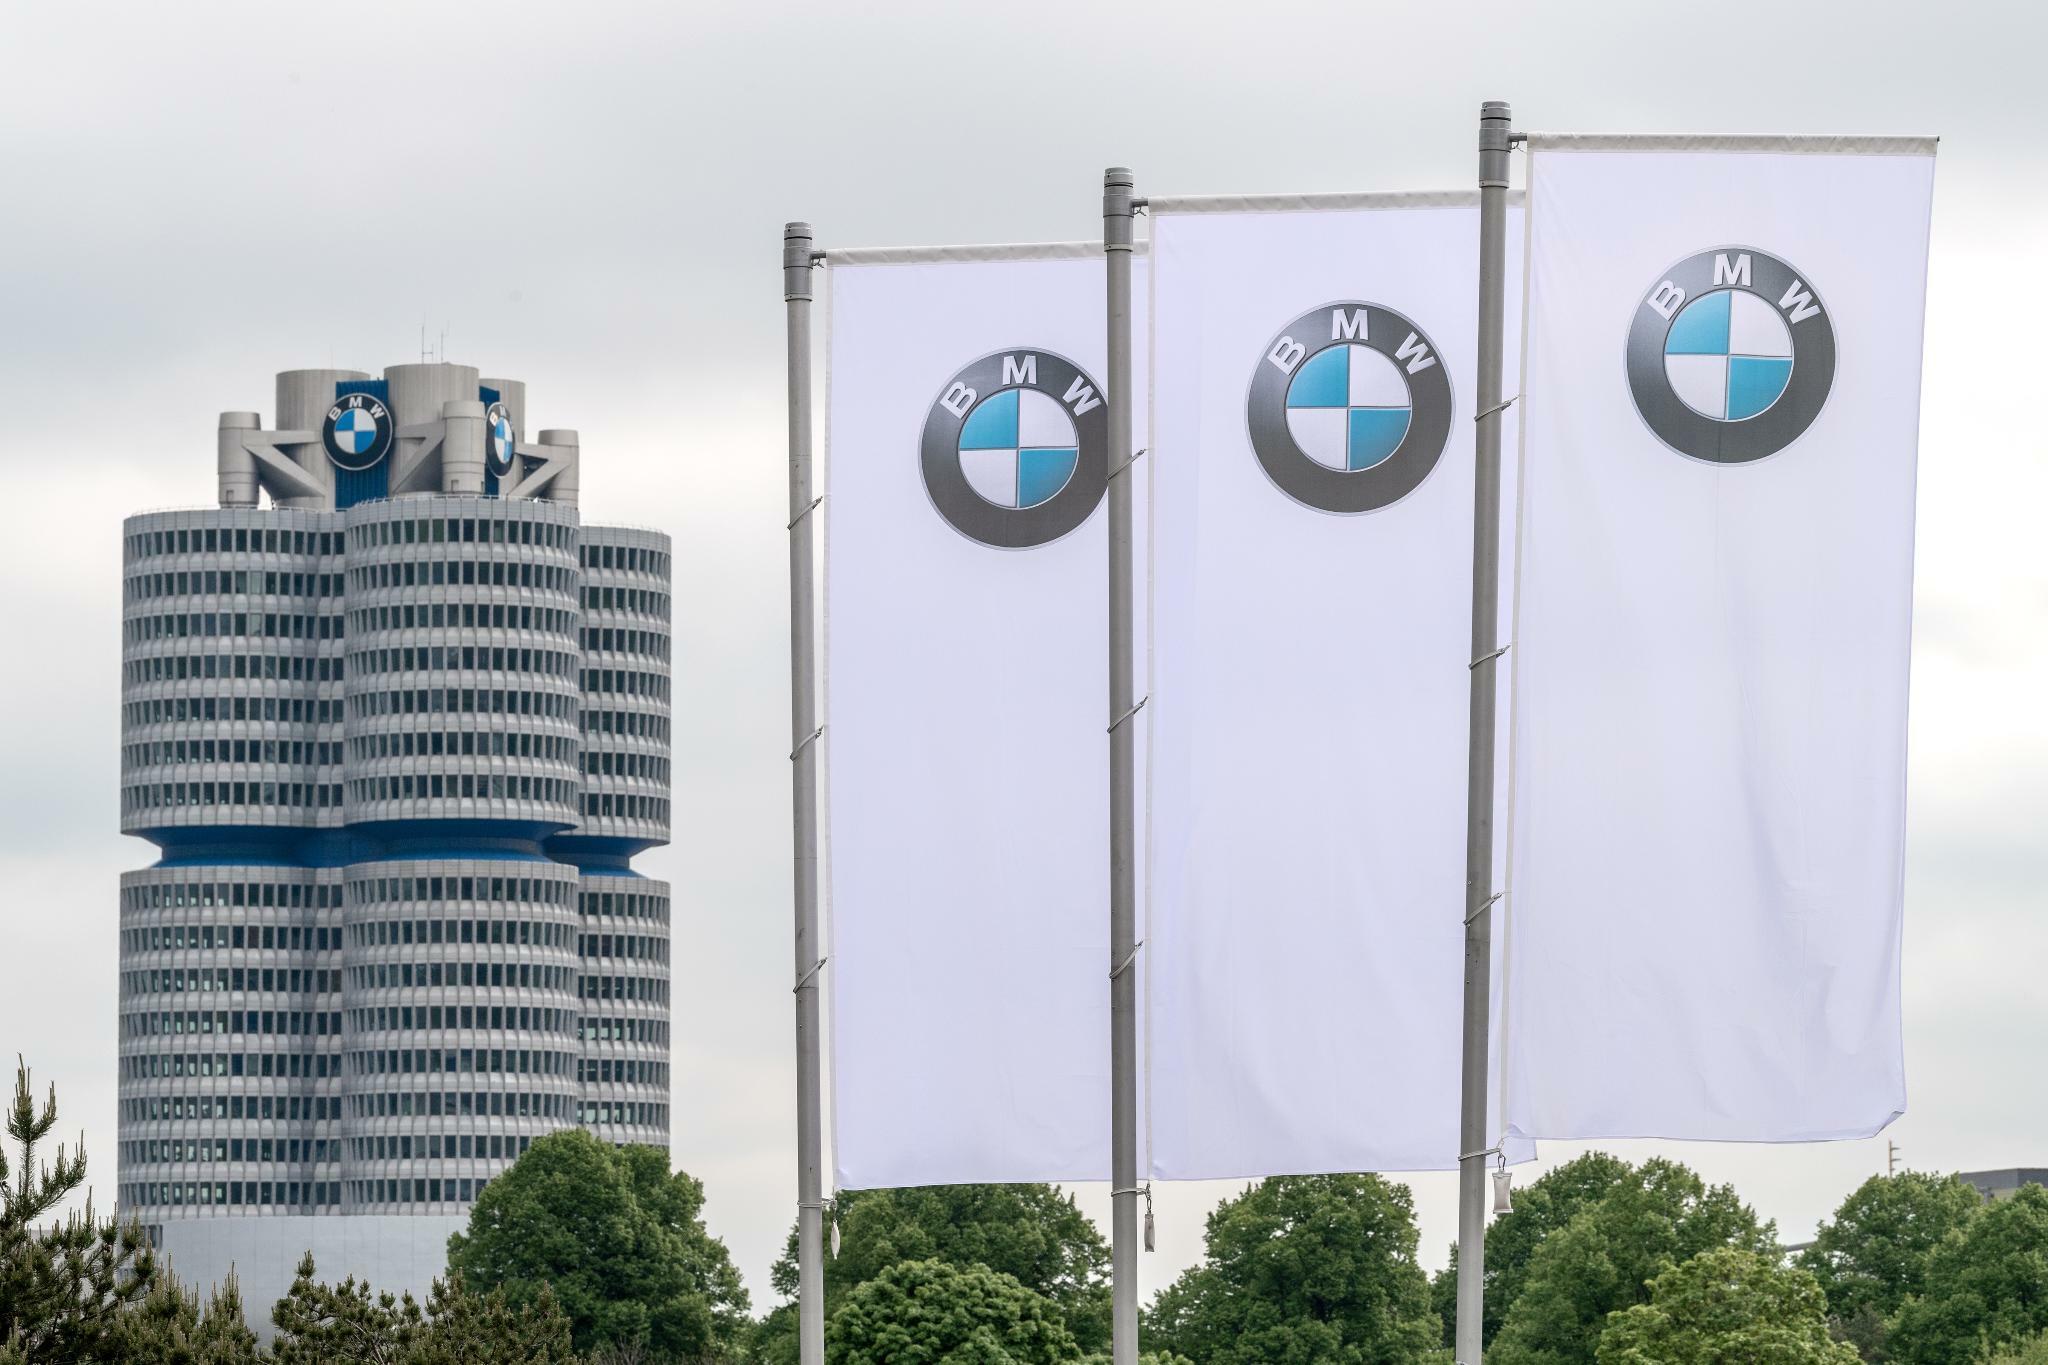 BMW-Mitarbeiter sollen zurück in die 35-Stunden-Woche